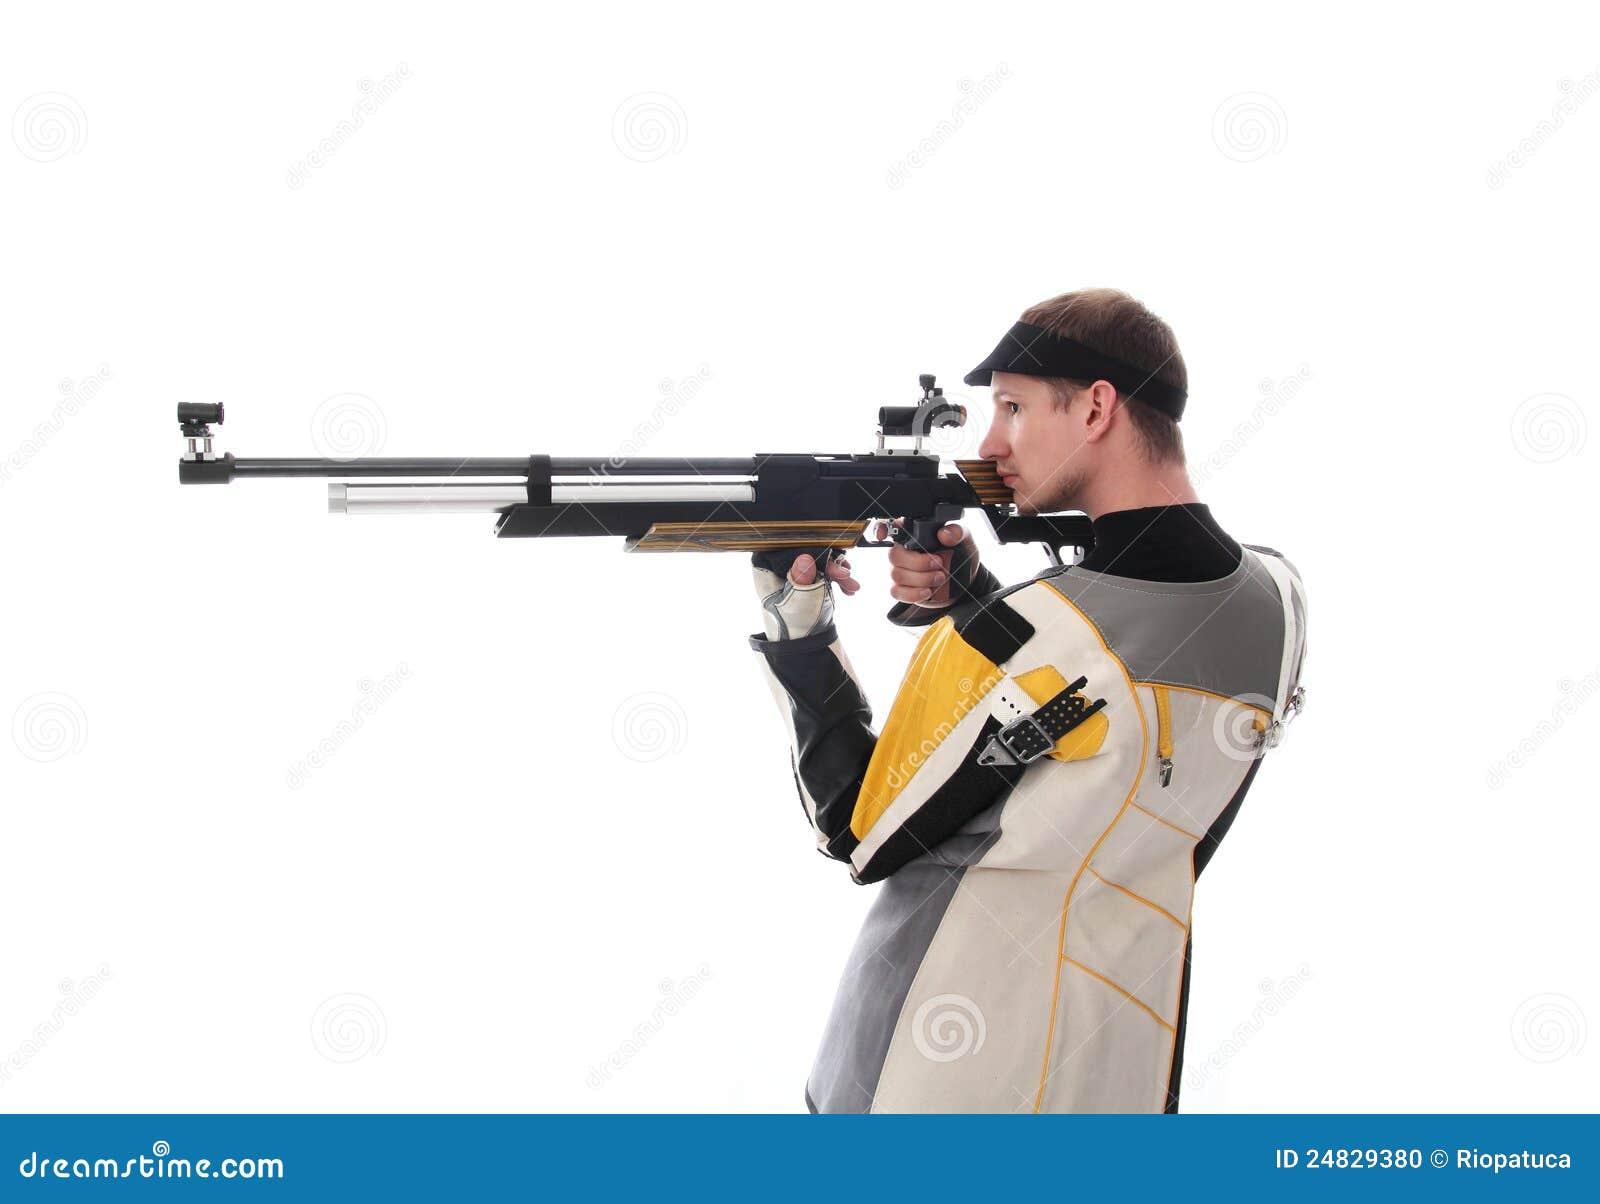 how to use ledengery guns on battlefield 1